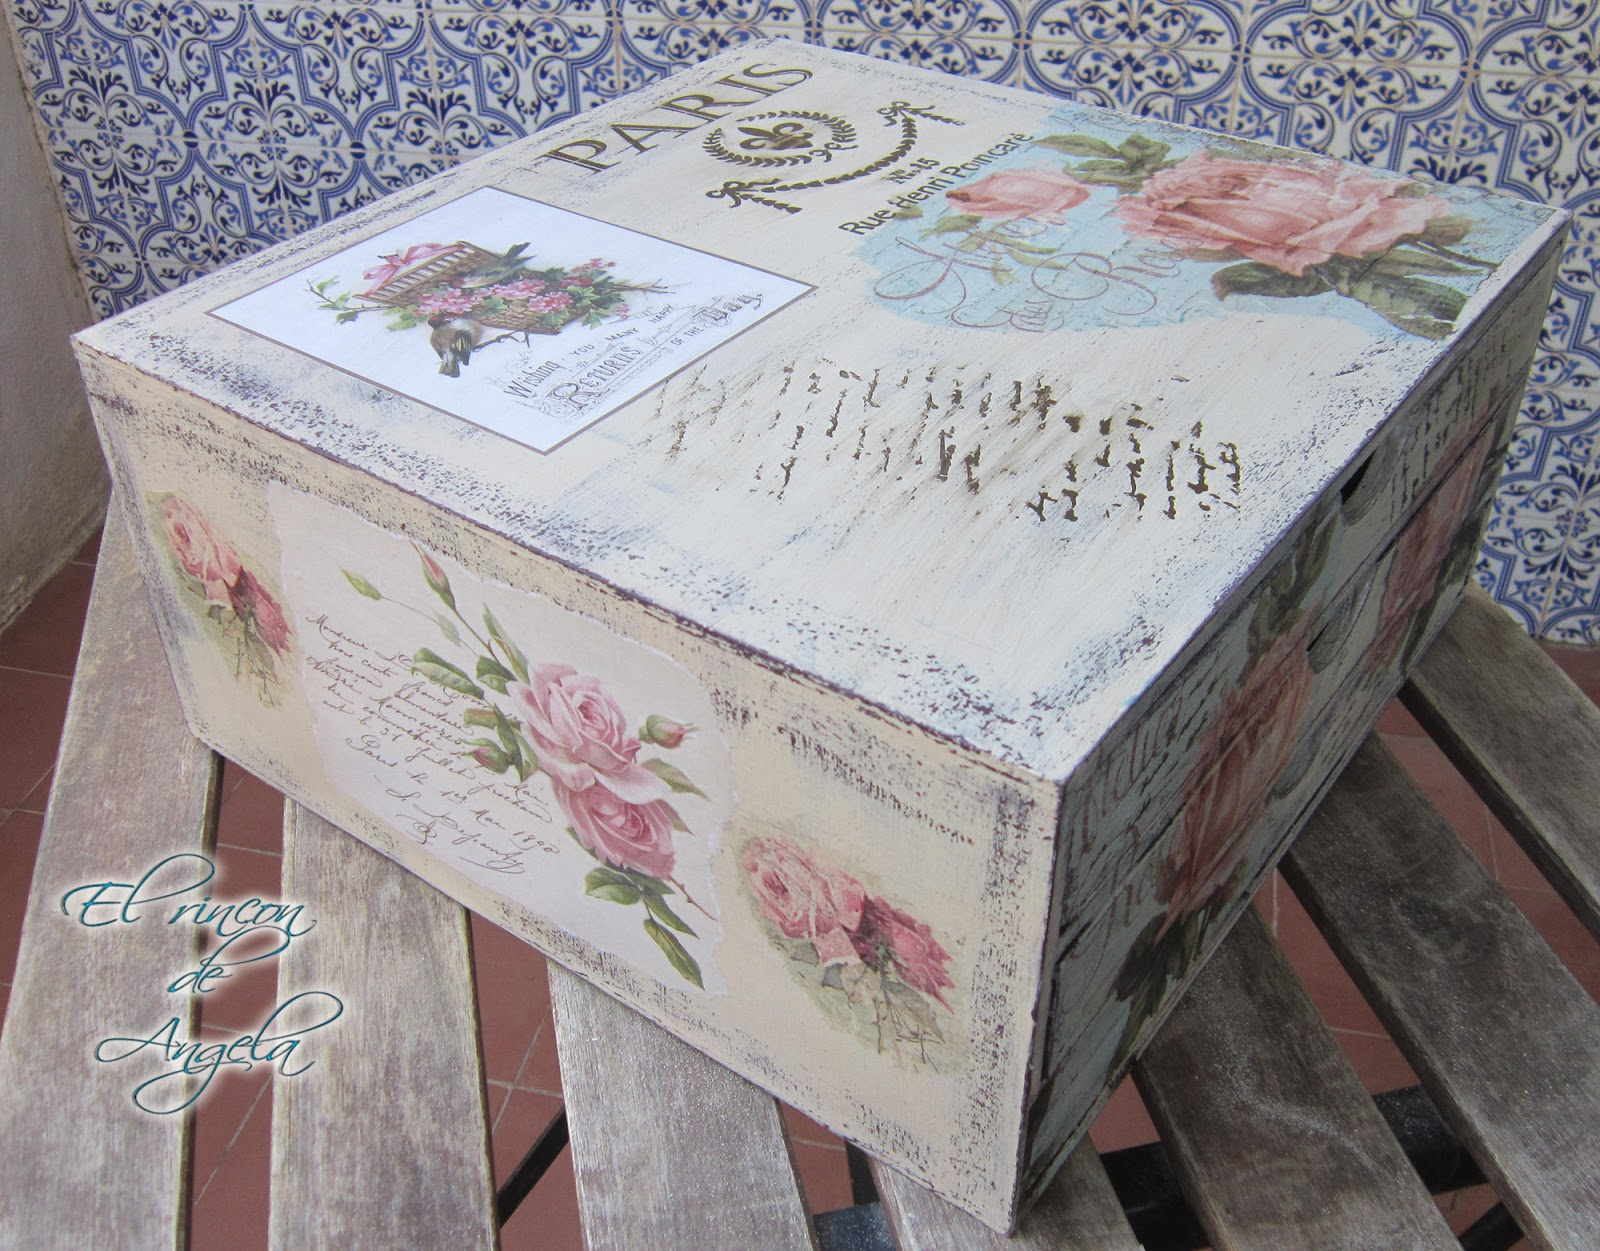 El rincon de angela como reciclar un mueble de madera con for Como reciclar muebles de madera